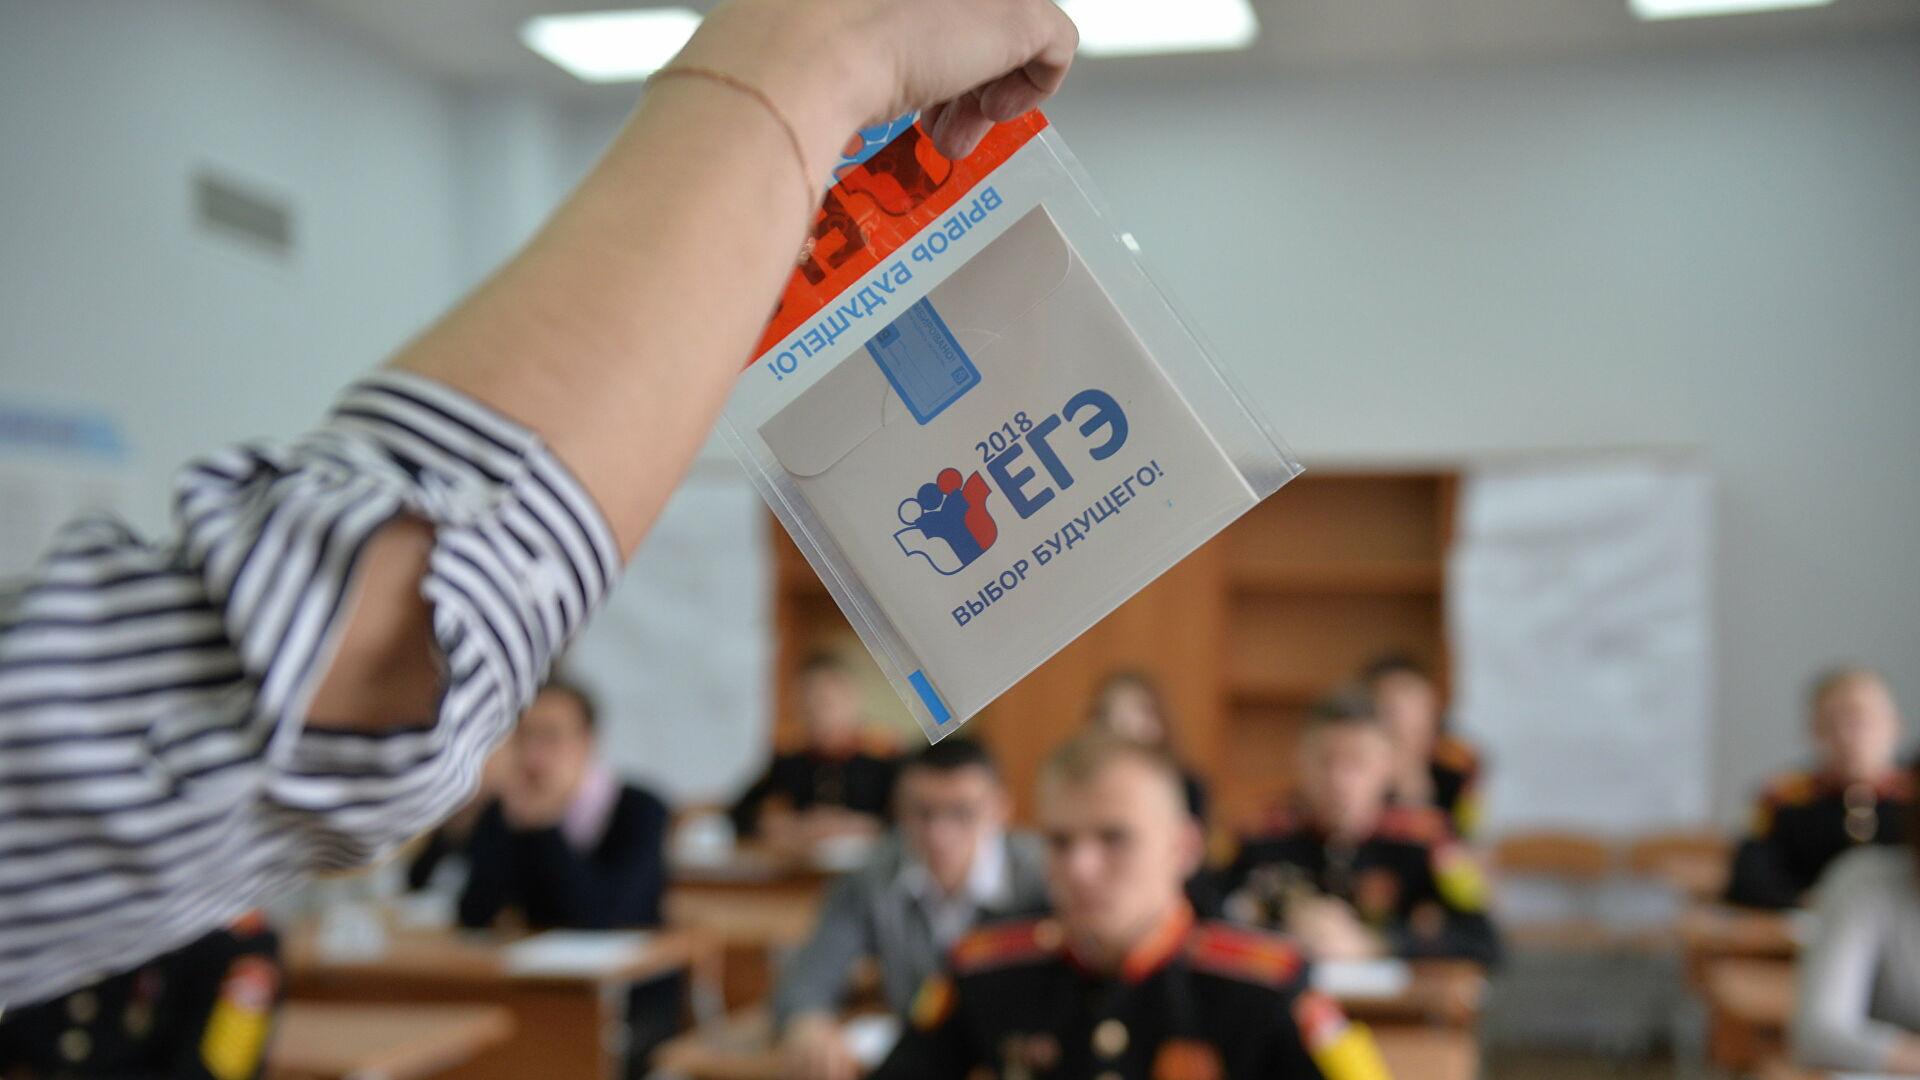 В Рособрнадзоре рассказали, как регионы будут получать материалы ЕГЭ